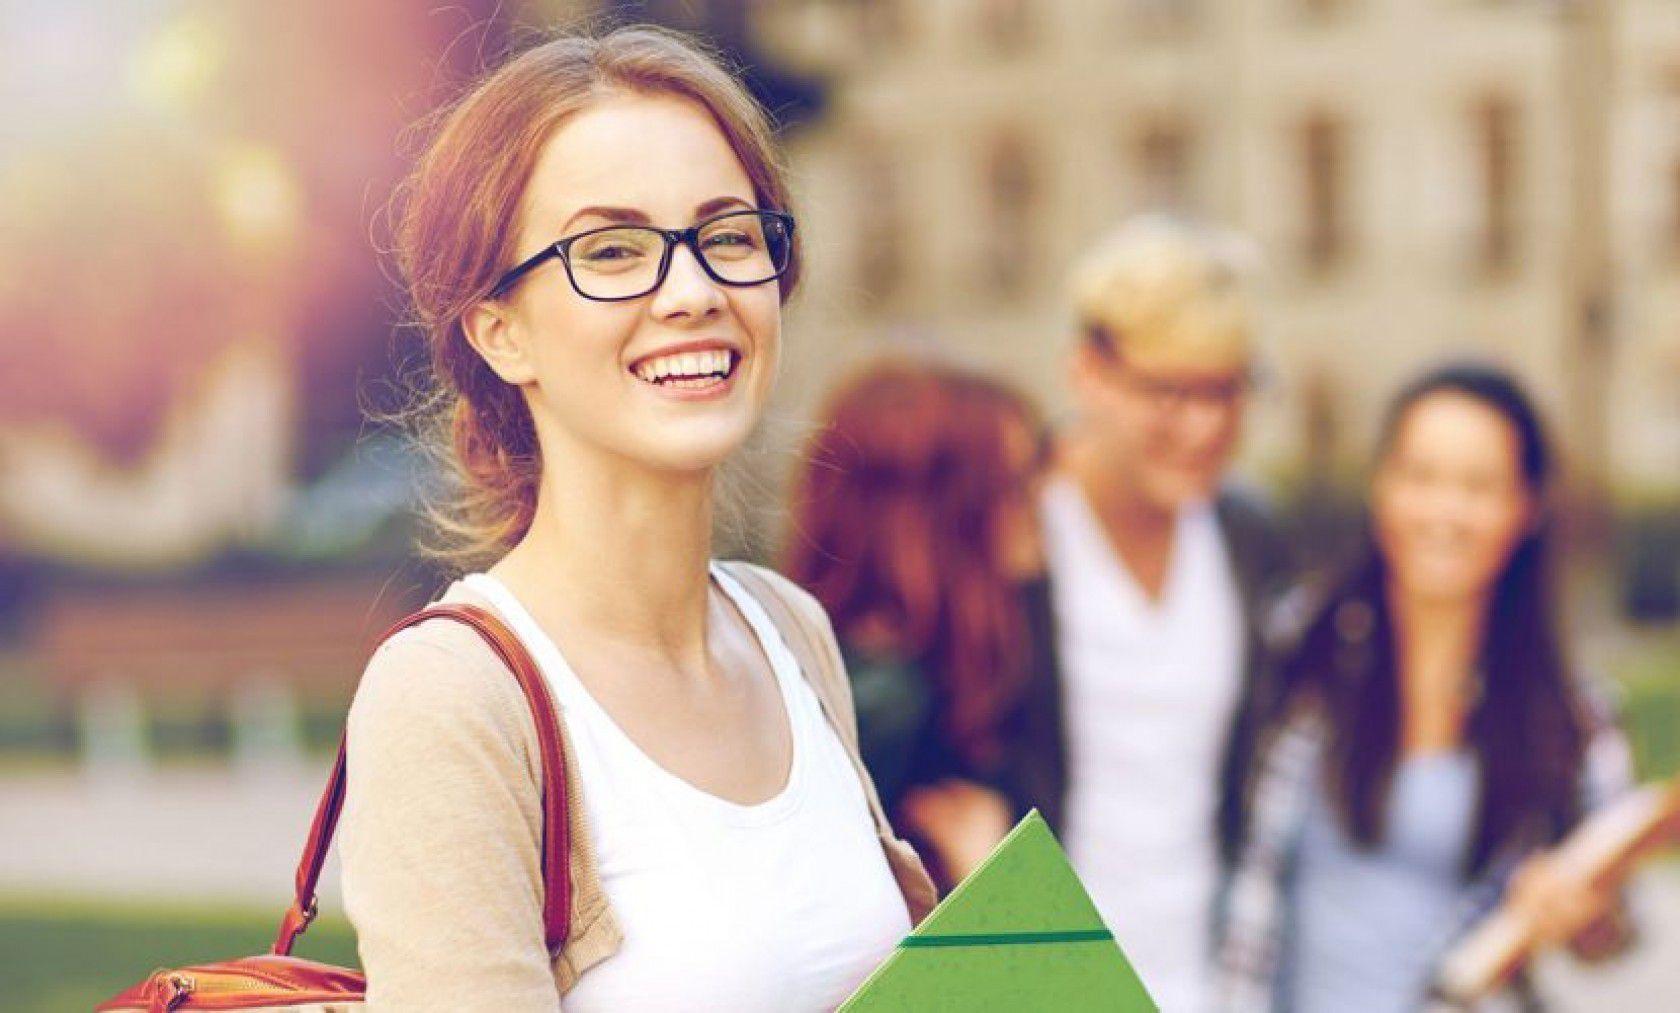 Yurtdışında Üniversite Okumaya Eğitimlerini Nasıl Verimli Hale Getirir?